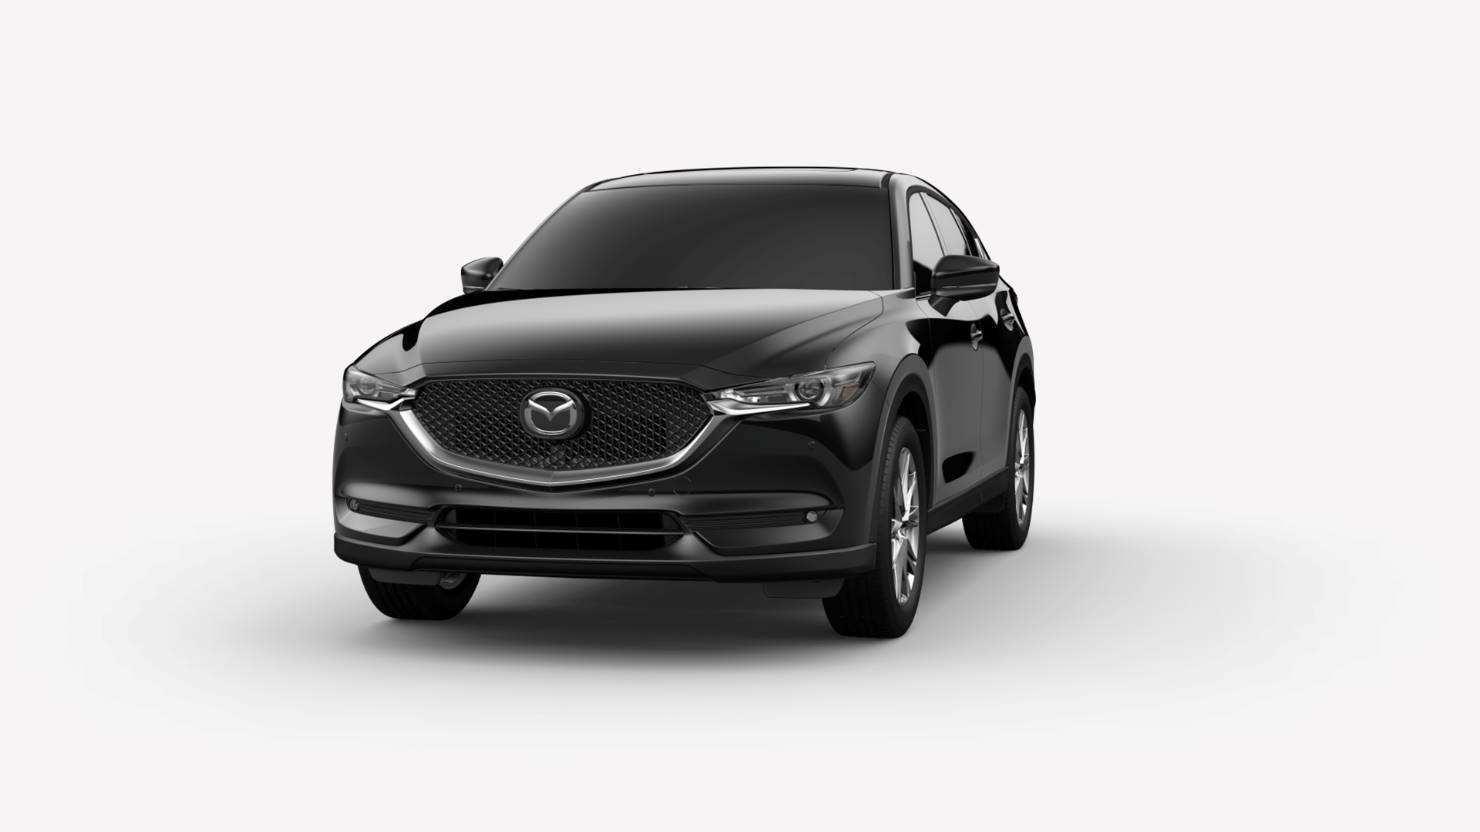 60 All New Mazda 2019 Cx 5 Concept Release Date for Mazda 2019 Cx 5 Concept